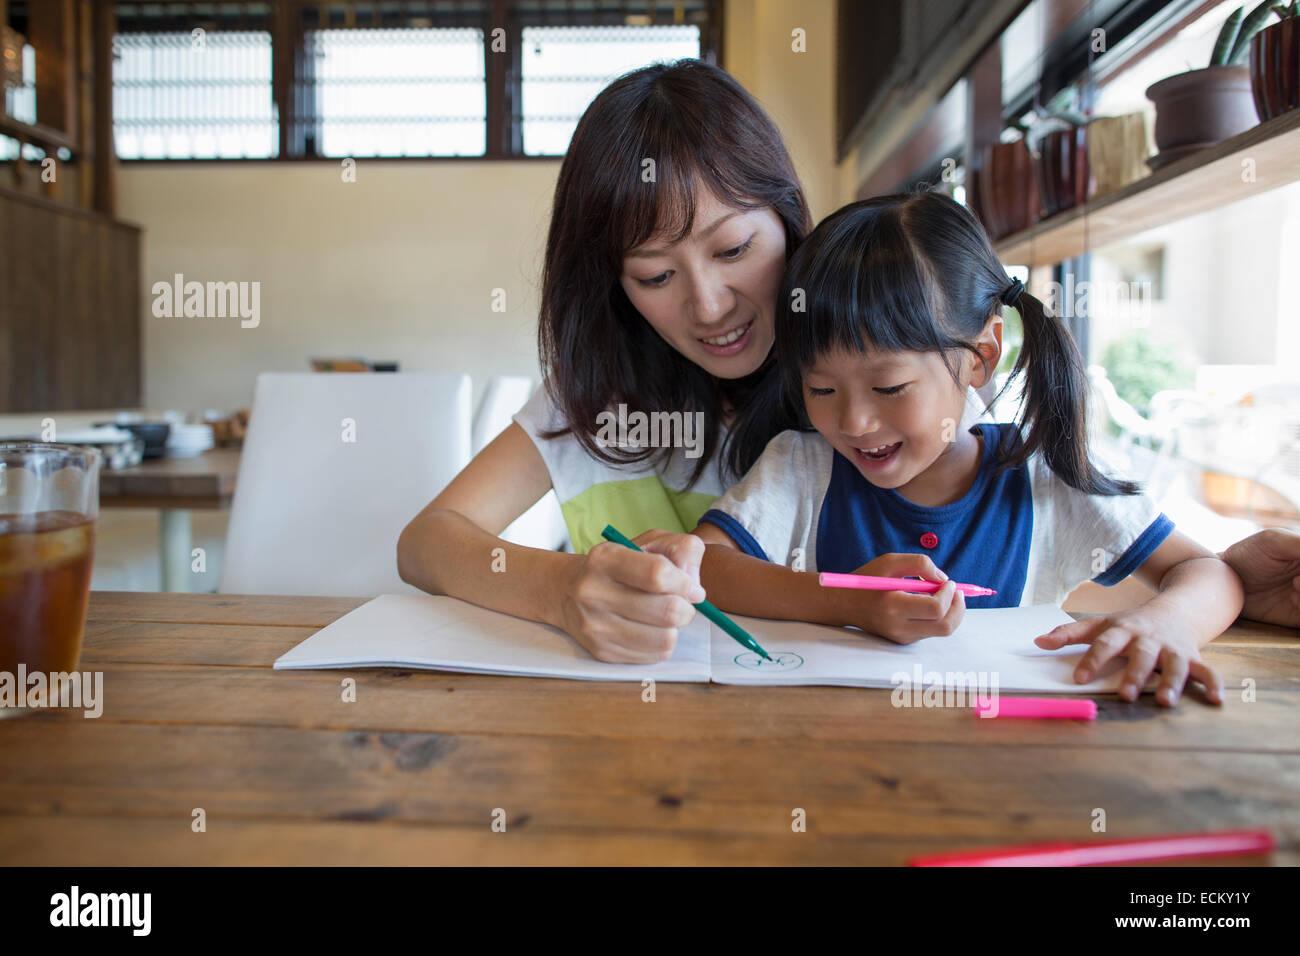 Madre e hija sentadas en una mesa, dibujando con rotuladores, sonriendo. Foto de stock